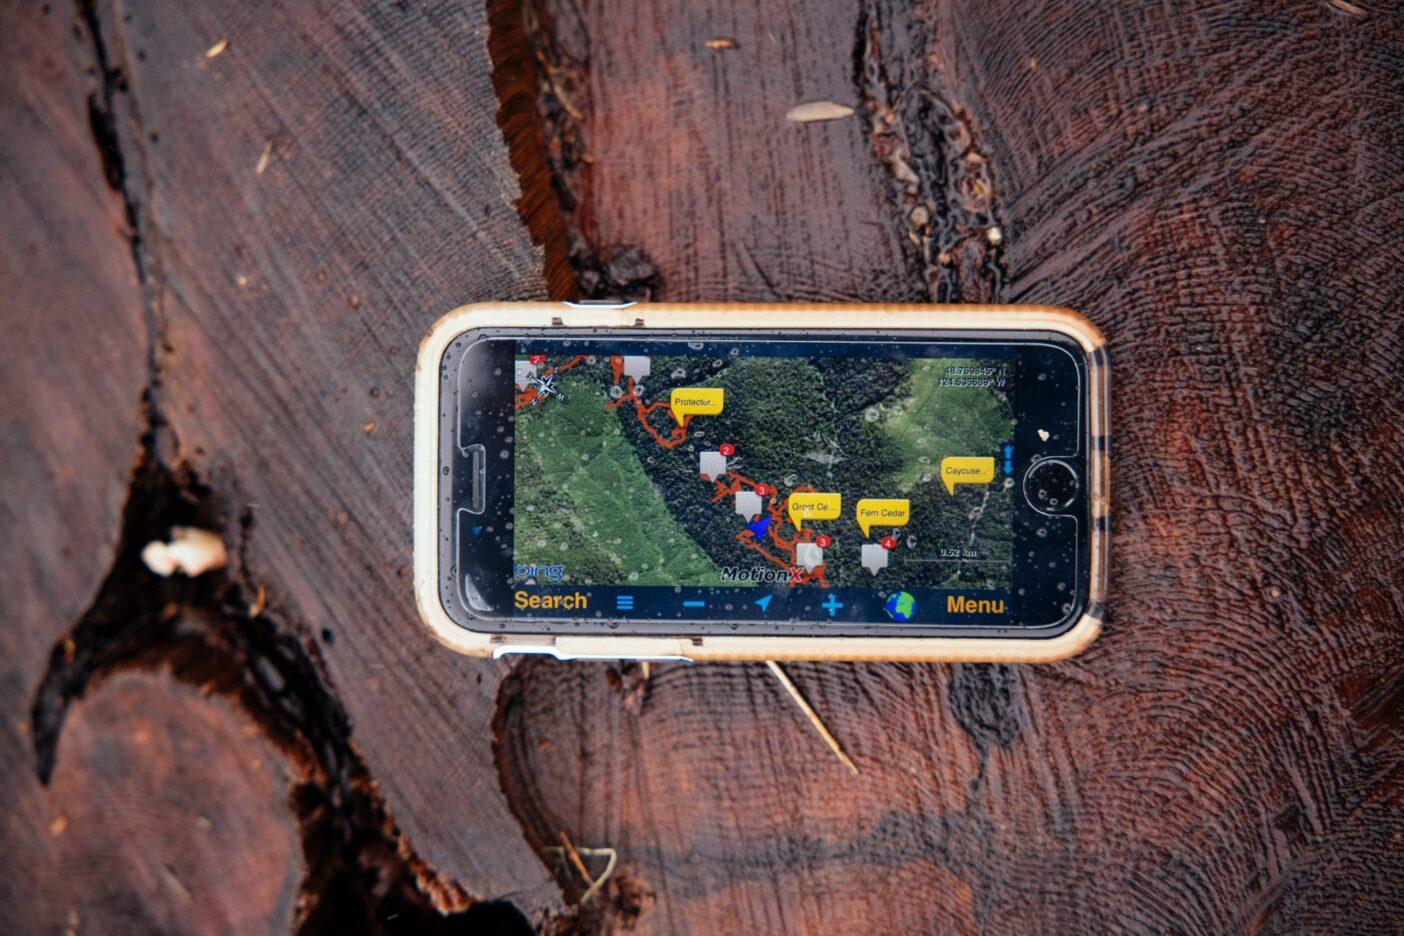 ワットは古木を捜索する遠征の計画や記録にGPSを使用している。写真のMotionX-GPSアプリは、ワットのケイキューズ川流域での最新の森林の状況を表示しており、目立つ大木にタグが付けられている。Photo: Jeremy Koreski